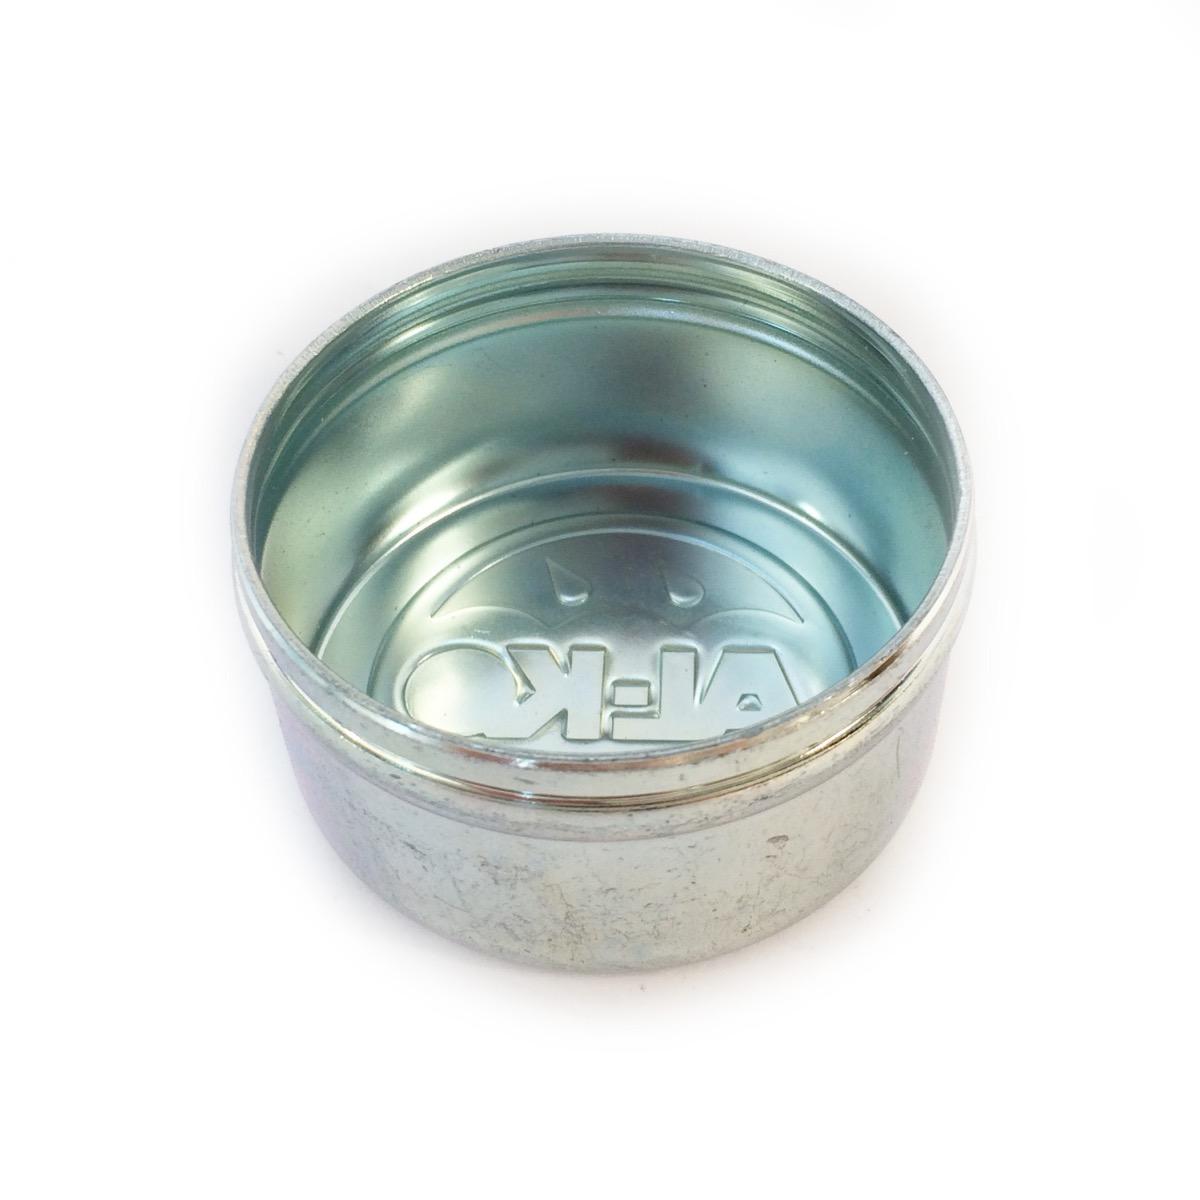 Cabochon de moyeu alko tanche diam tre ext rieur 55 mm for Diametre exterieur